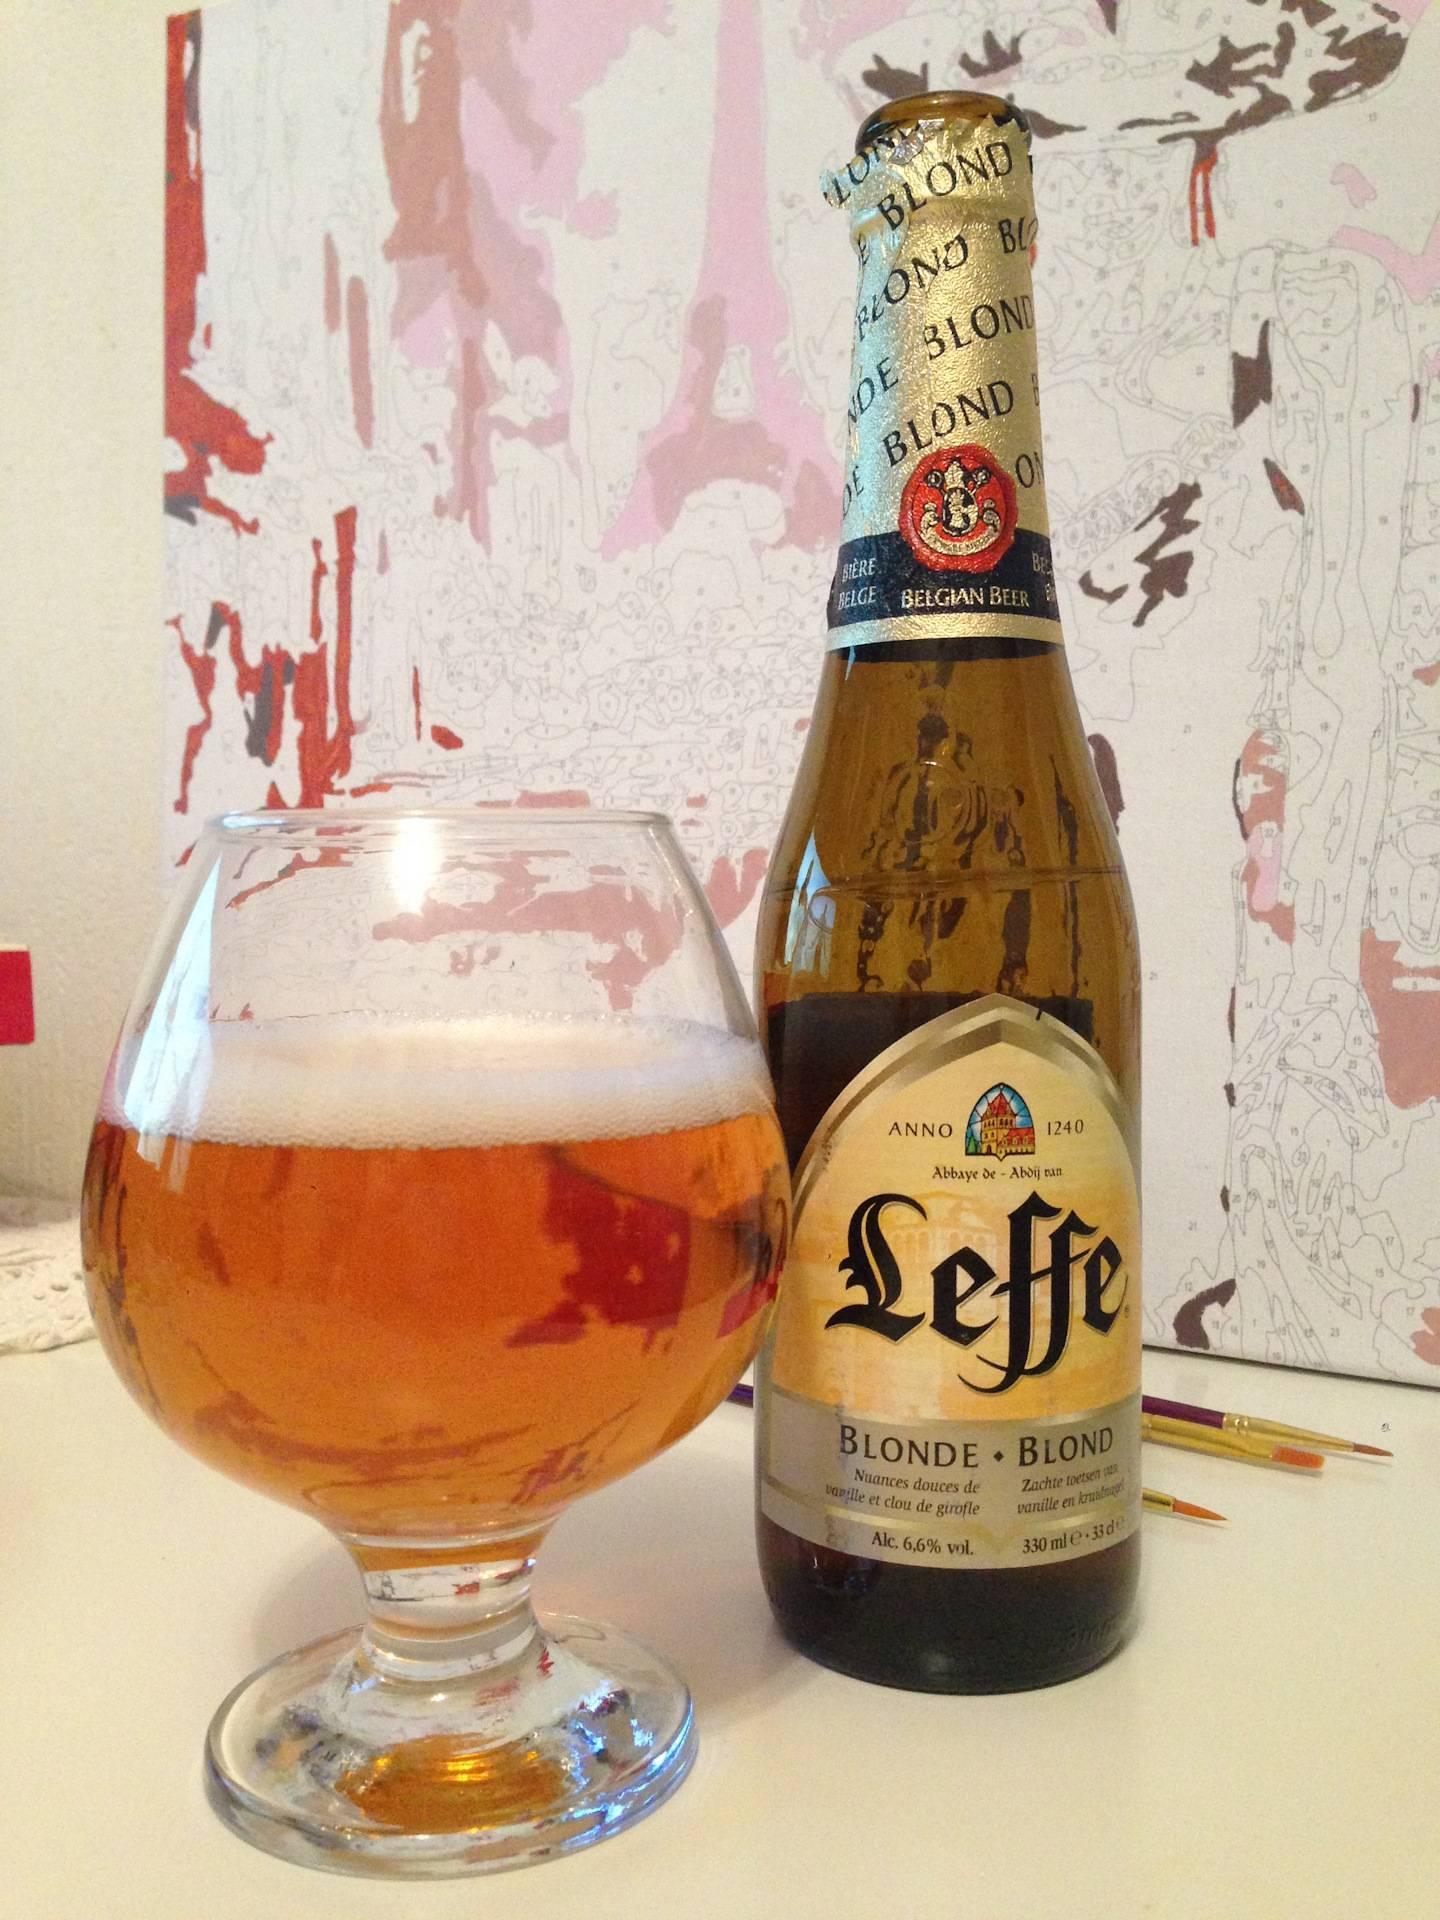 Пиво леффе (leffe): история бренда, вкусовые особенности, обзор линейки - международная платформа для барменов inshaker